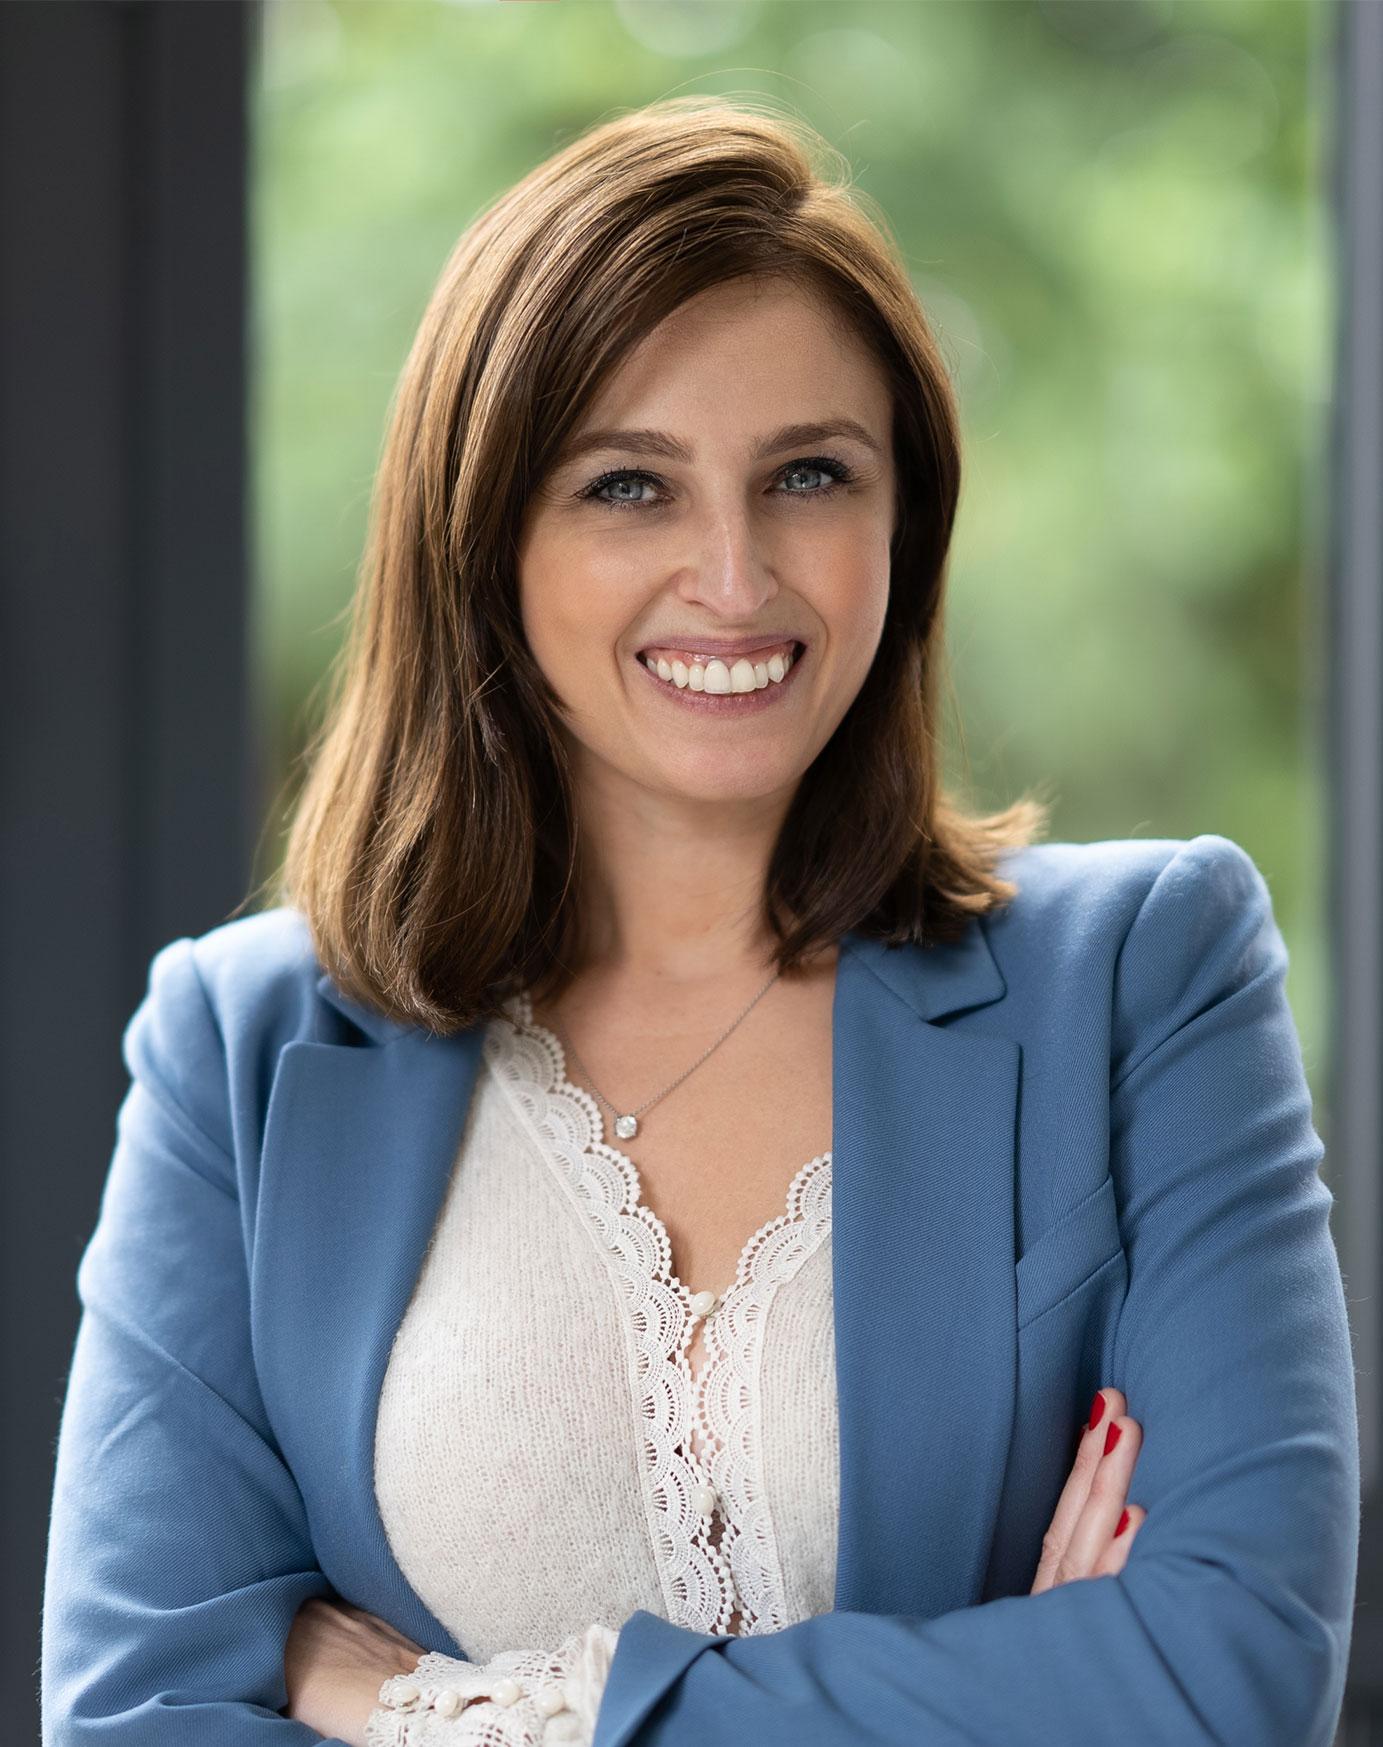 Jennifer Lussey-Quentin